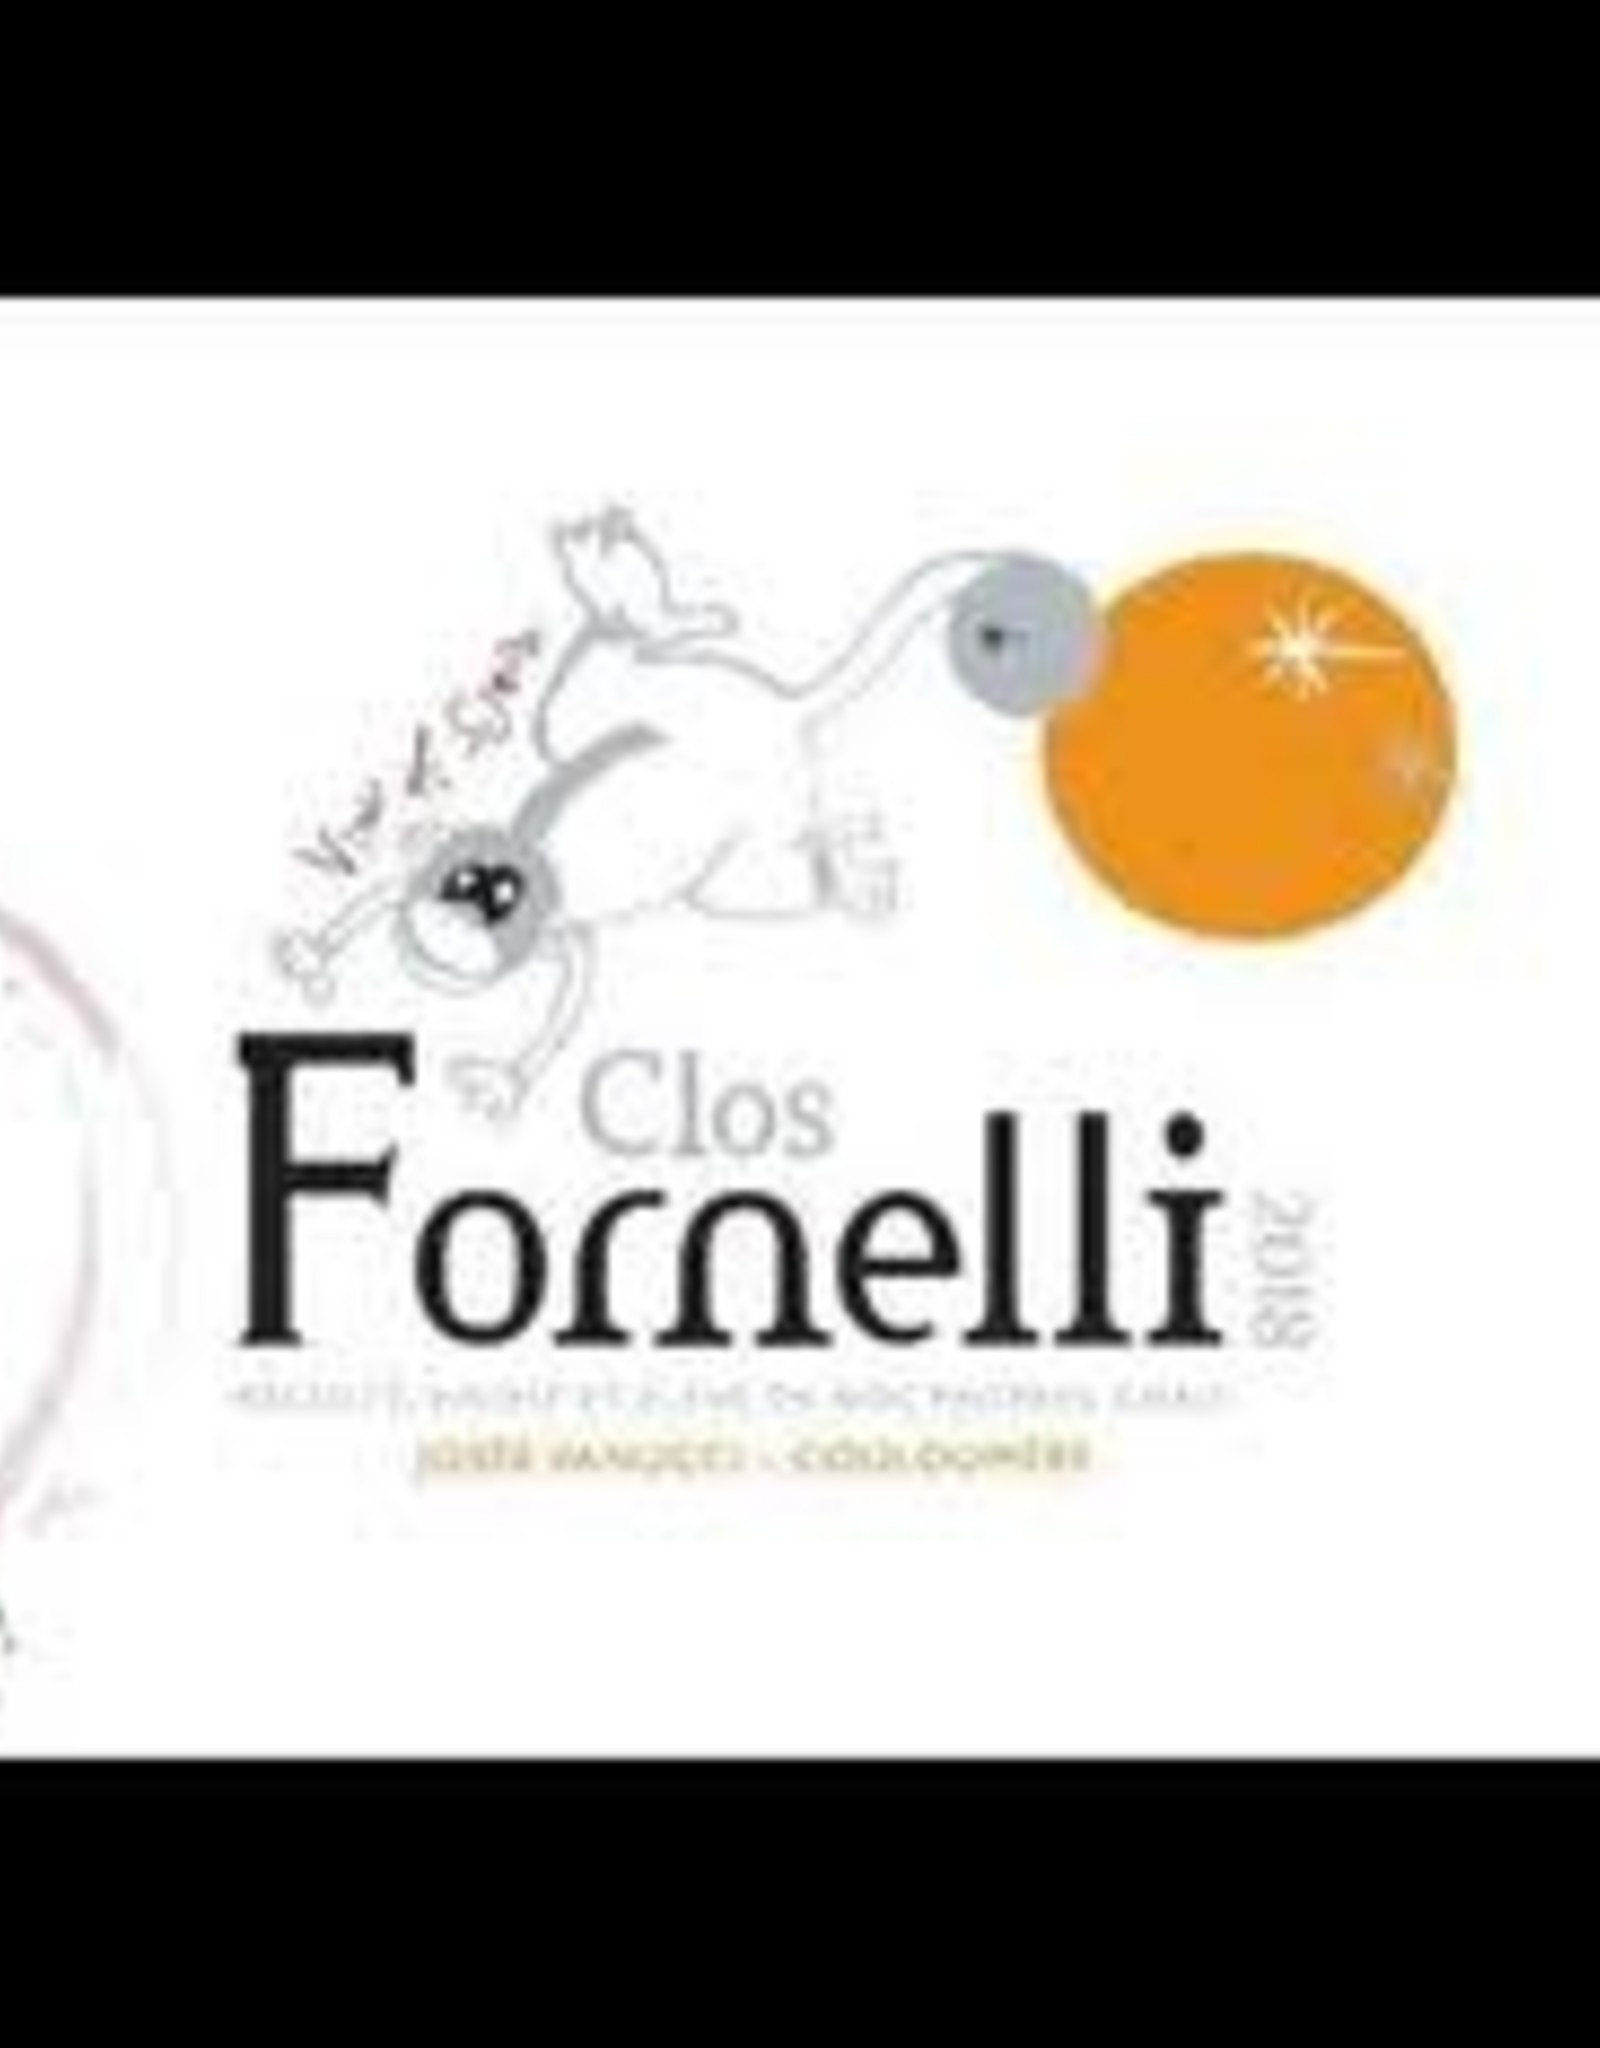 Sciaccarellu, Vinu di Scimia Vin de Corse, Clos Fornelli 2018